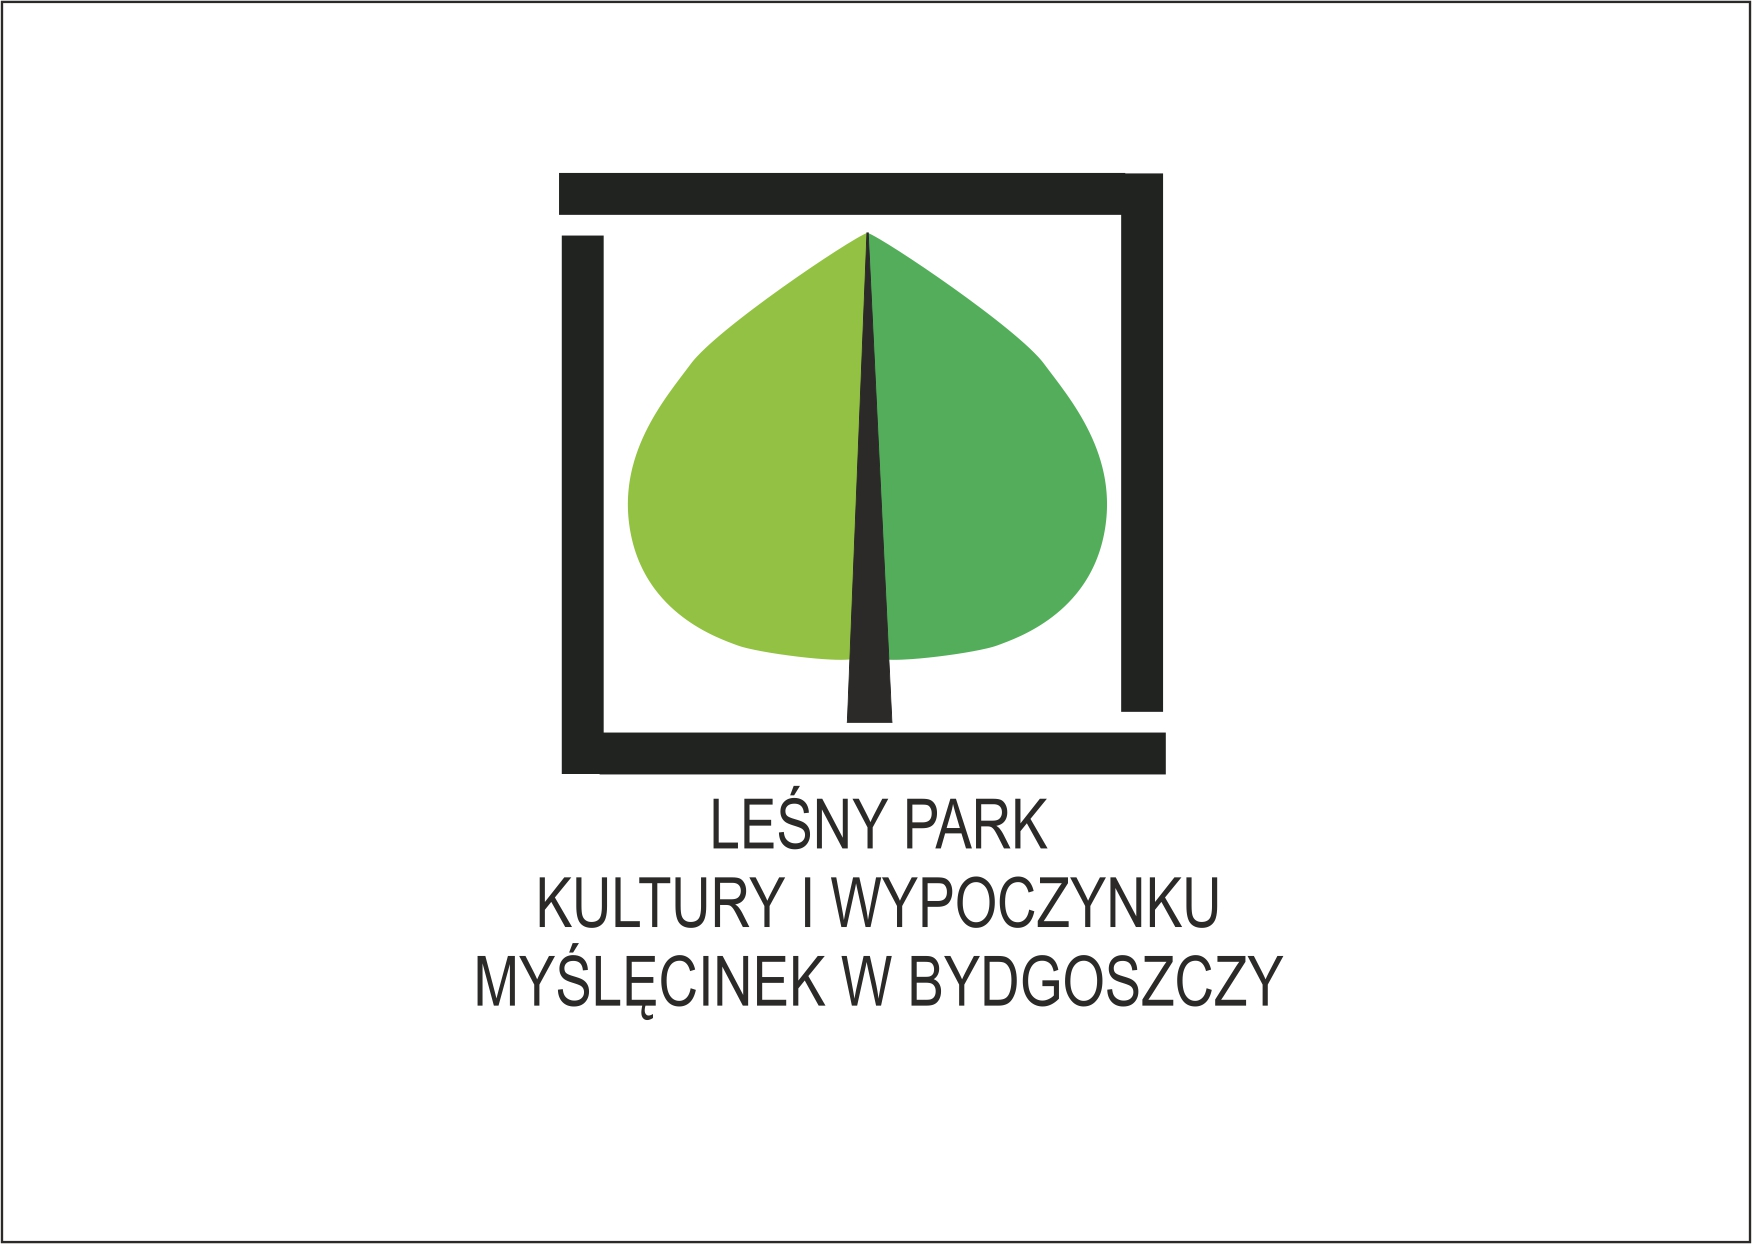 Przybliżamy naszych partnerów - Leśny Park Kultury i Wypoczynku